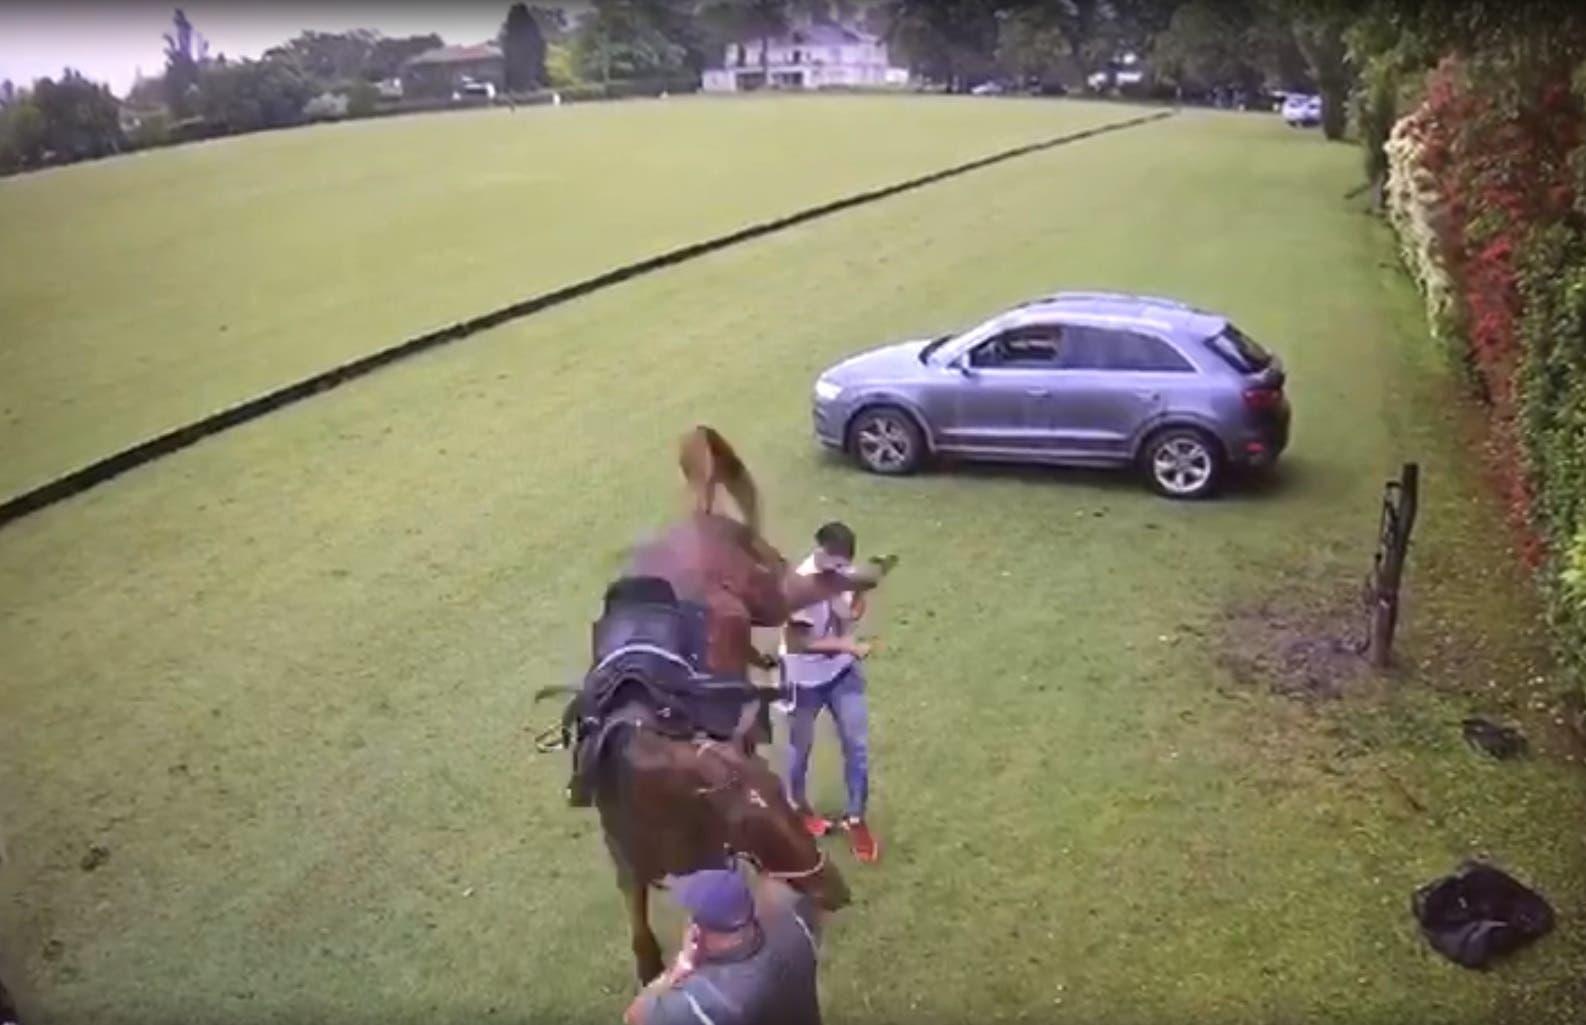 Susto: le dio una palmada a un caballo de polo y terminó dormido de una patada al mentón